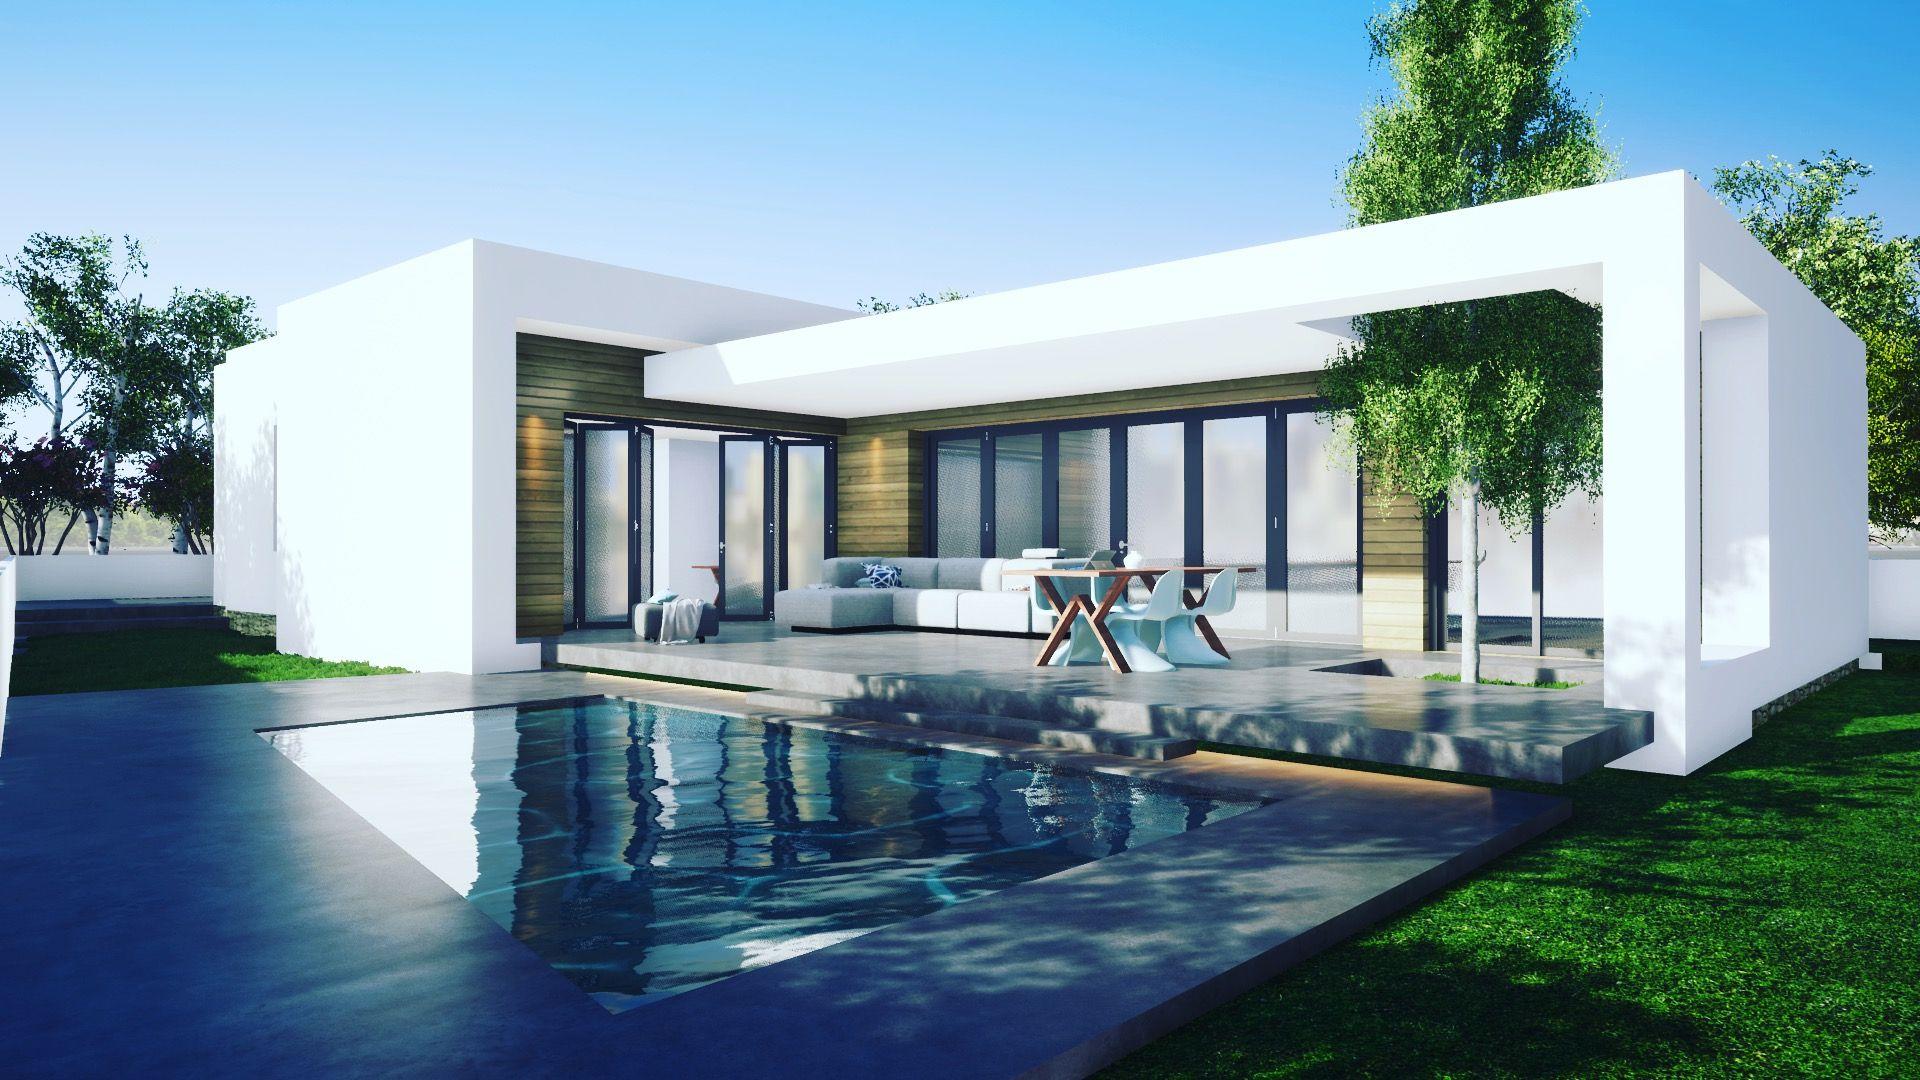 Vivienda En Una Sola Planta Con Piscina Proxima Construccion En Miami Platja Arquitectura Casas Vivienda Unifamiliar